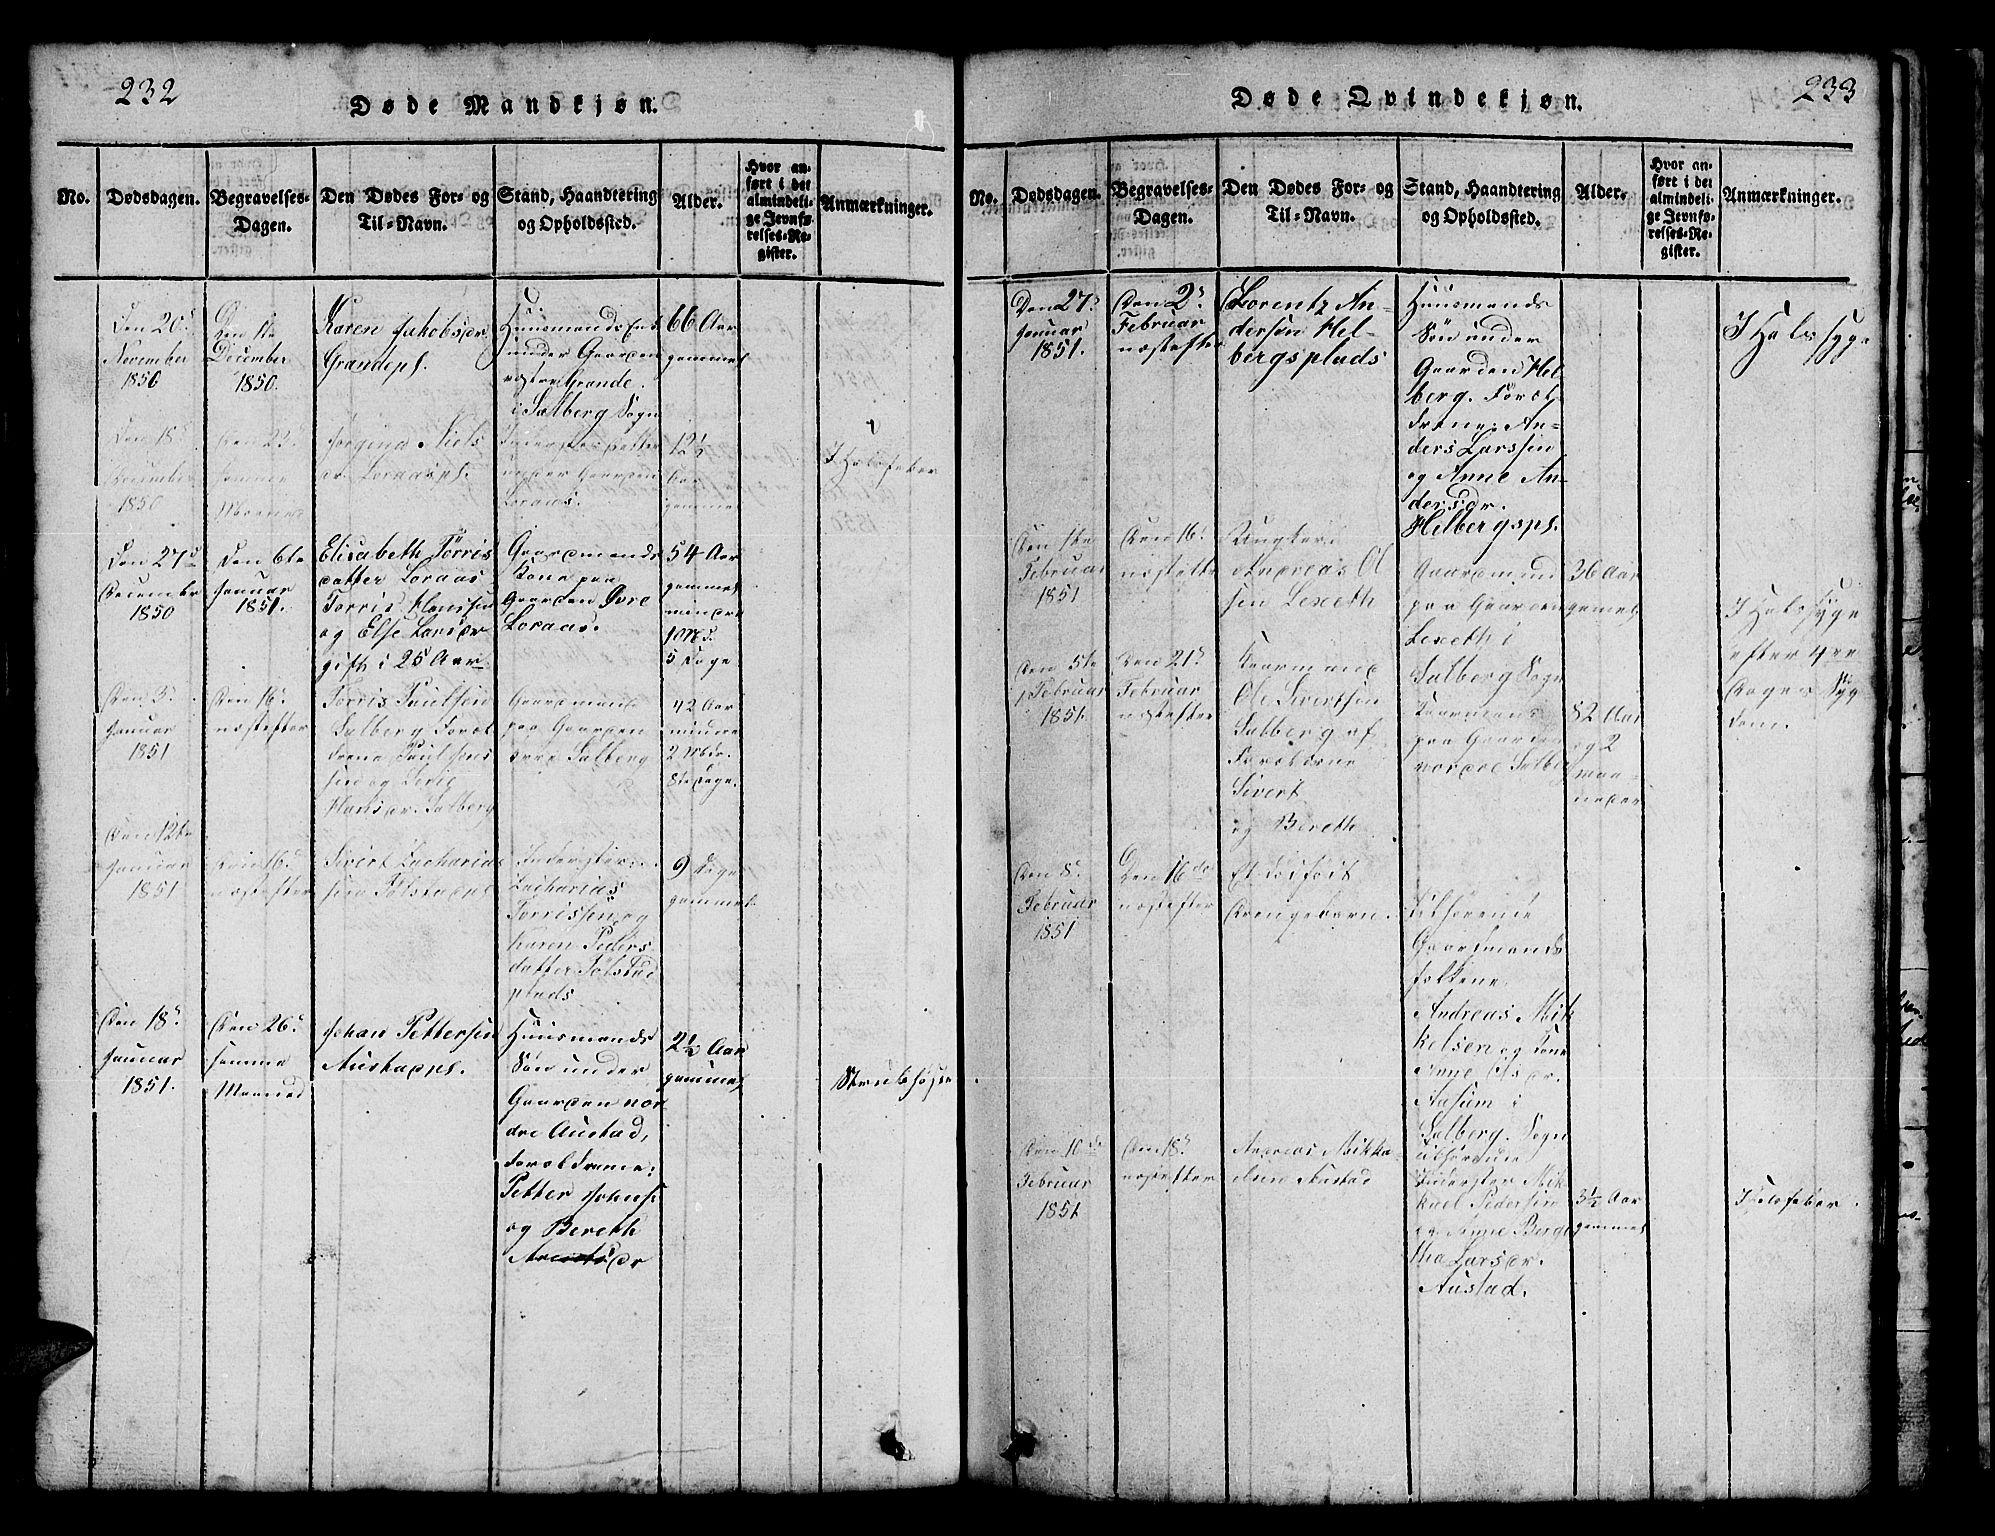 SAT, Ministerialprotokoller, klokkerbøker og fødselsregistre - Nord-Trøndelag, 731/L0310: Klokkerbok nr. 731C01, 1816-1874, s. 232-233